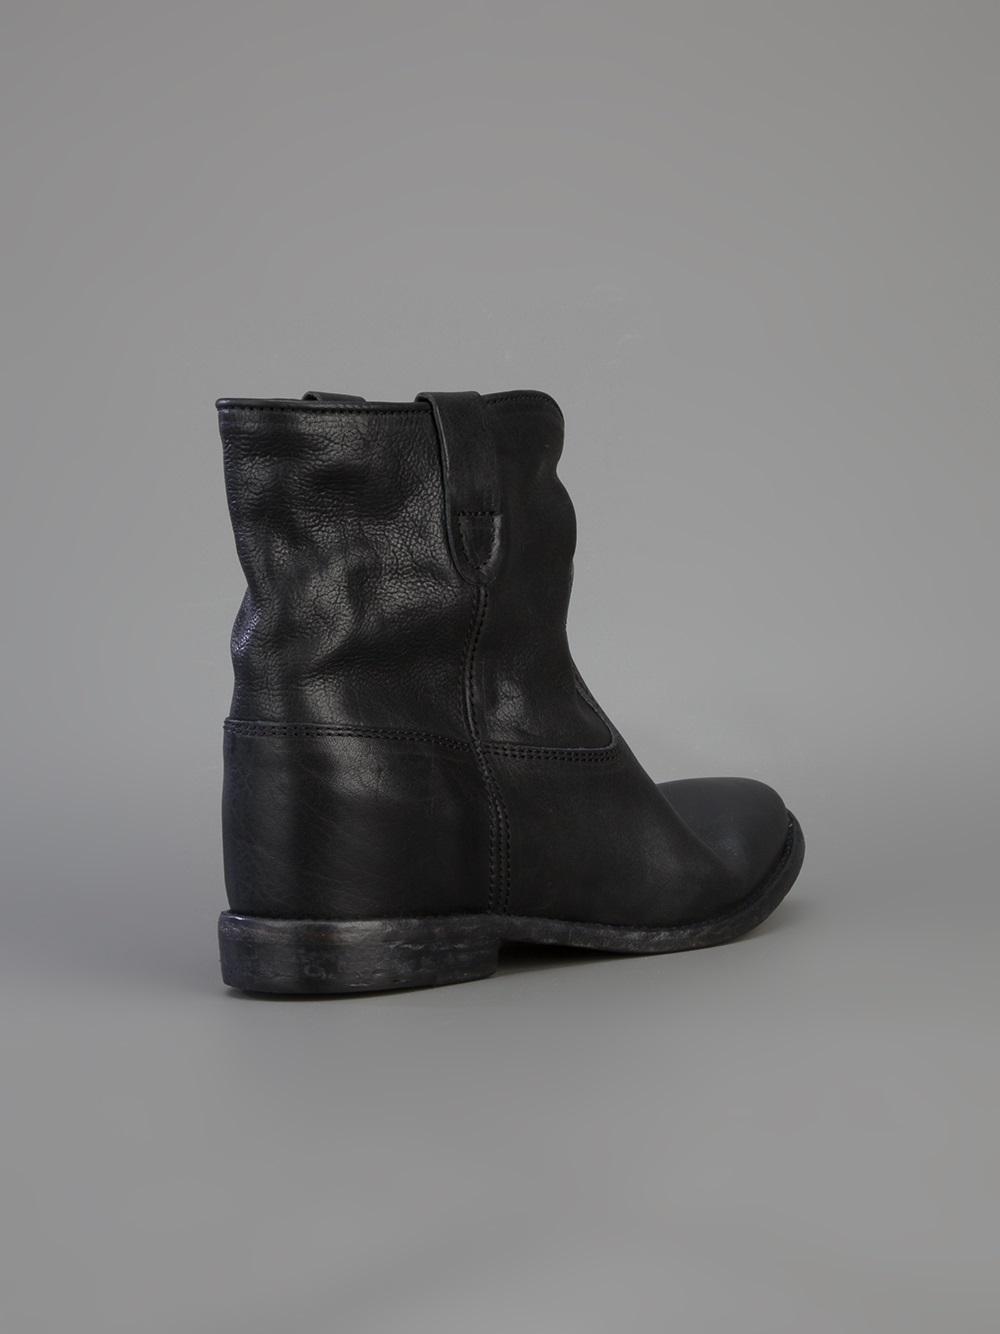 isabel marant cluster concealed wedge boot in black lyst. Black Bedroom Furniture Sets. Home Design Ideas